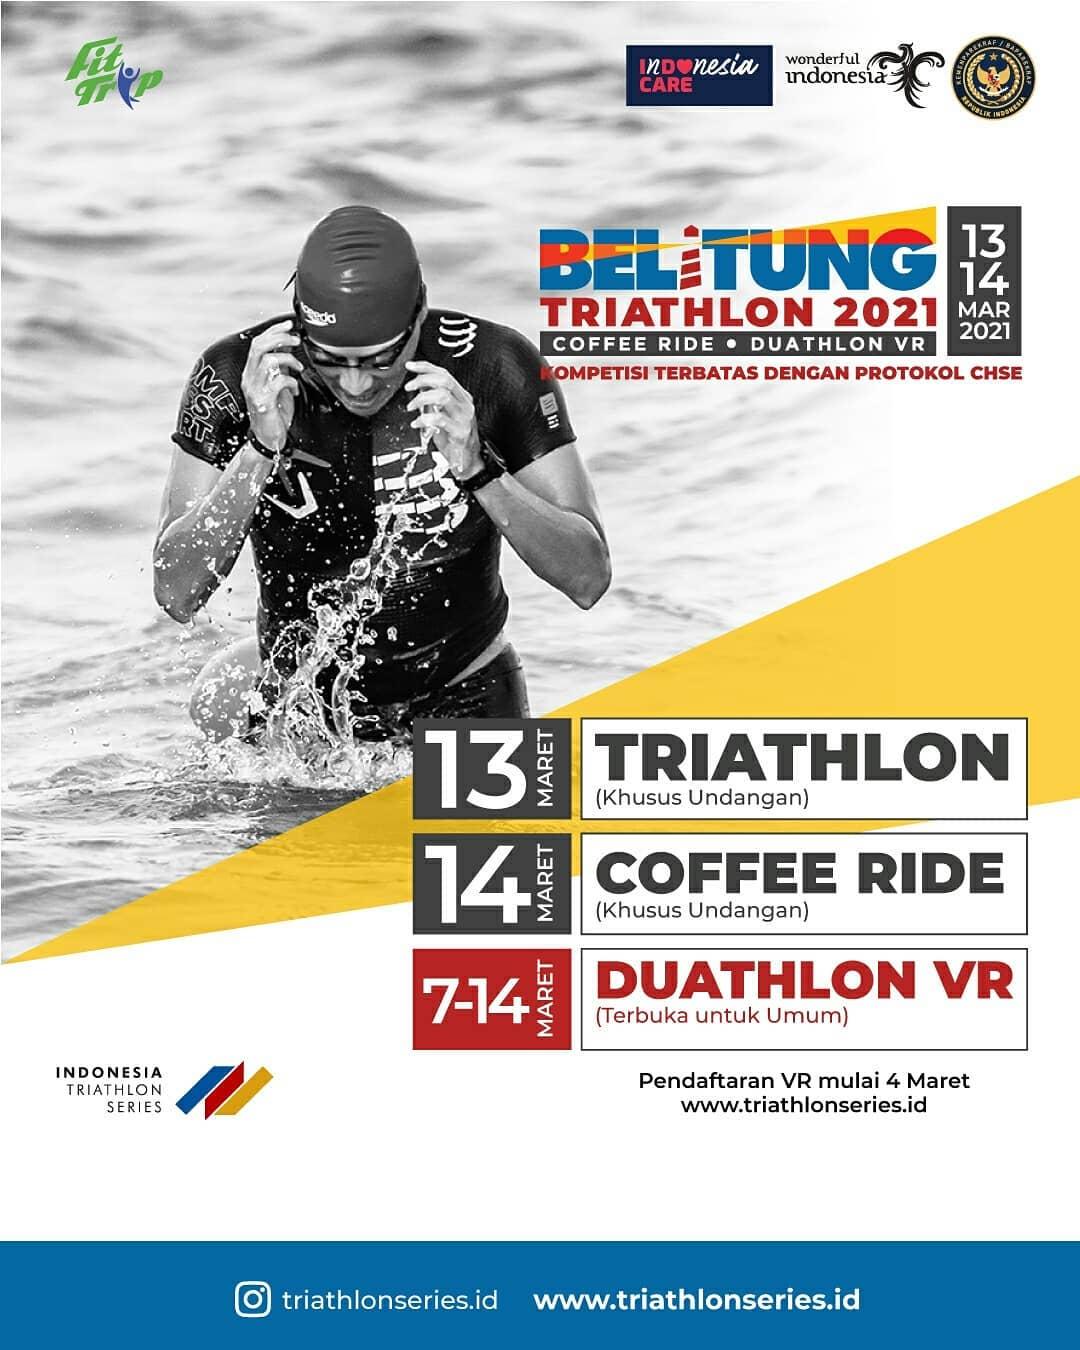 Indonesia Triathlon Series - Belitung Duathlon VR • 2021